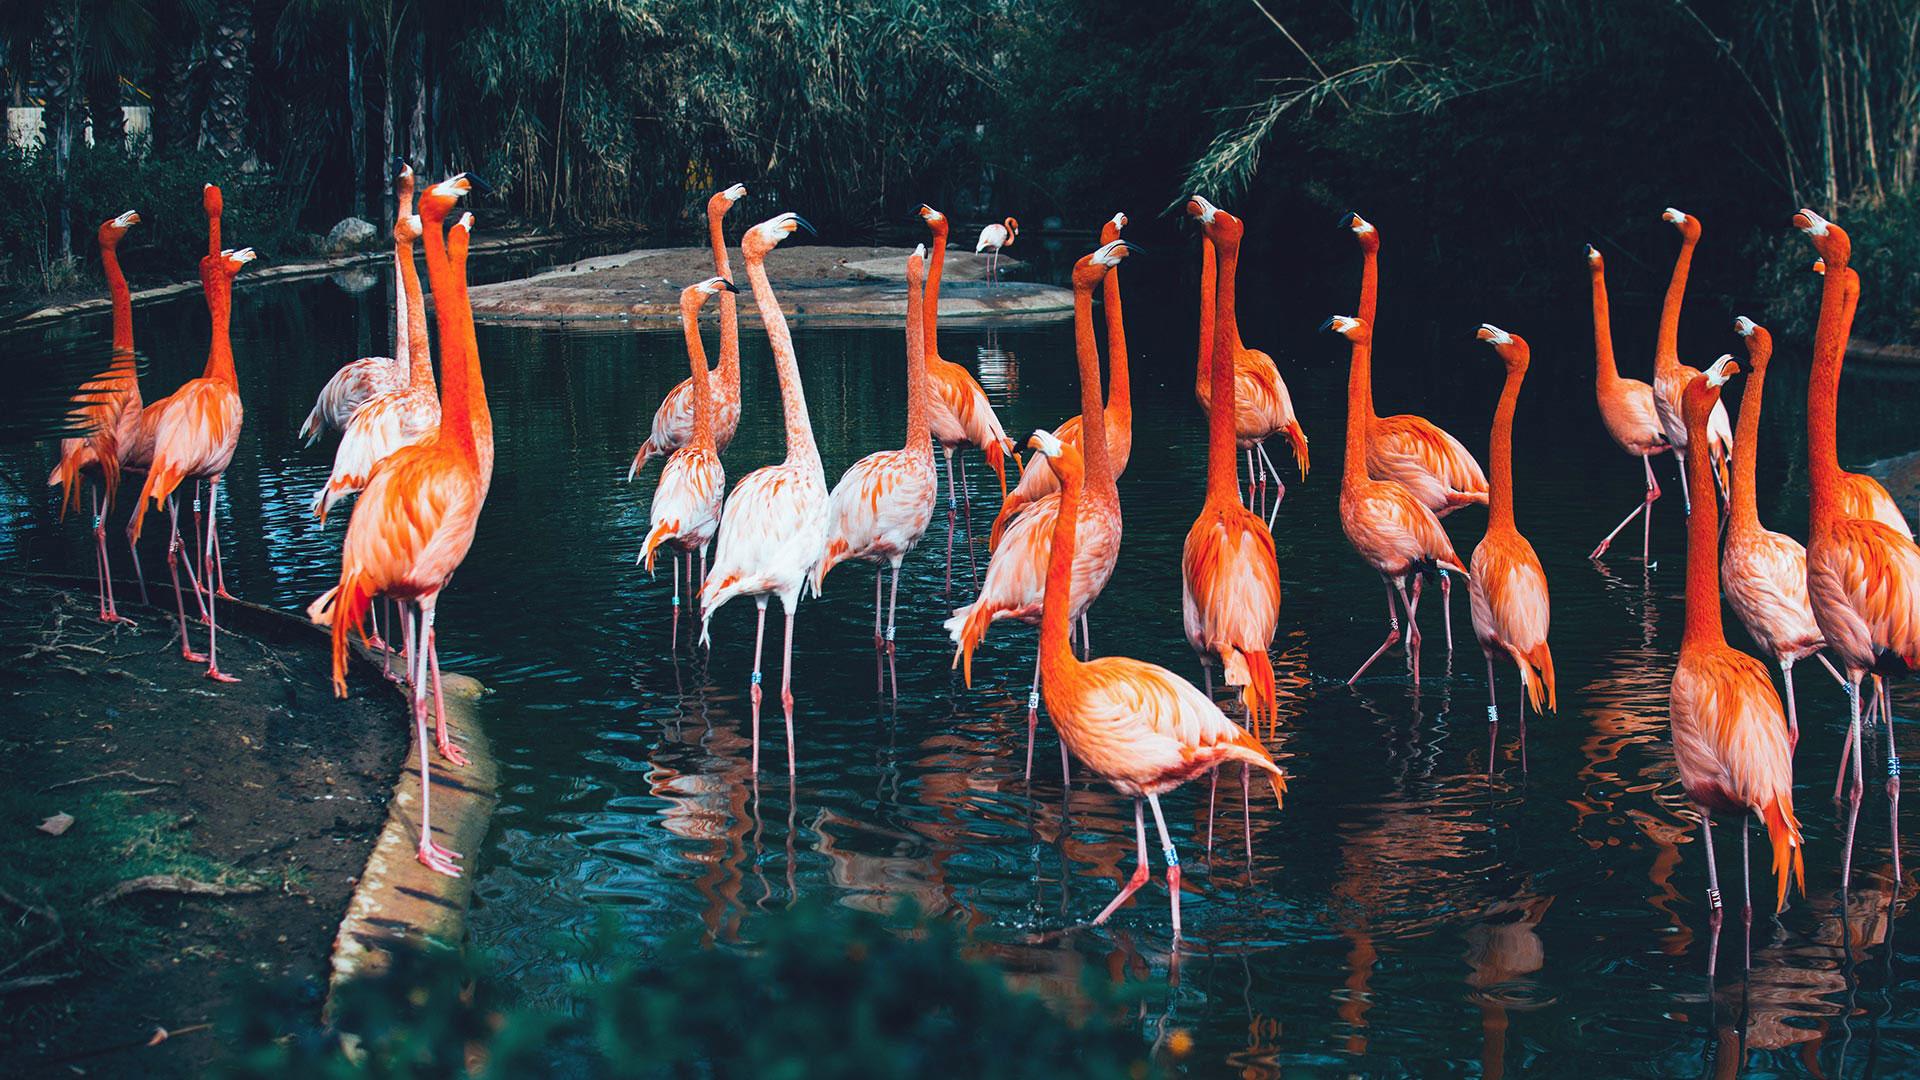 Les flamants roses | Zoo de Mulhouse, parc zoologique et botanique